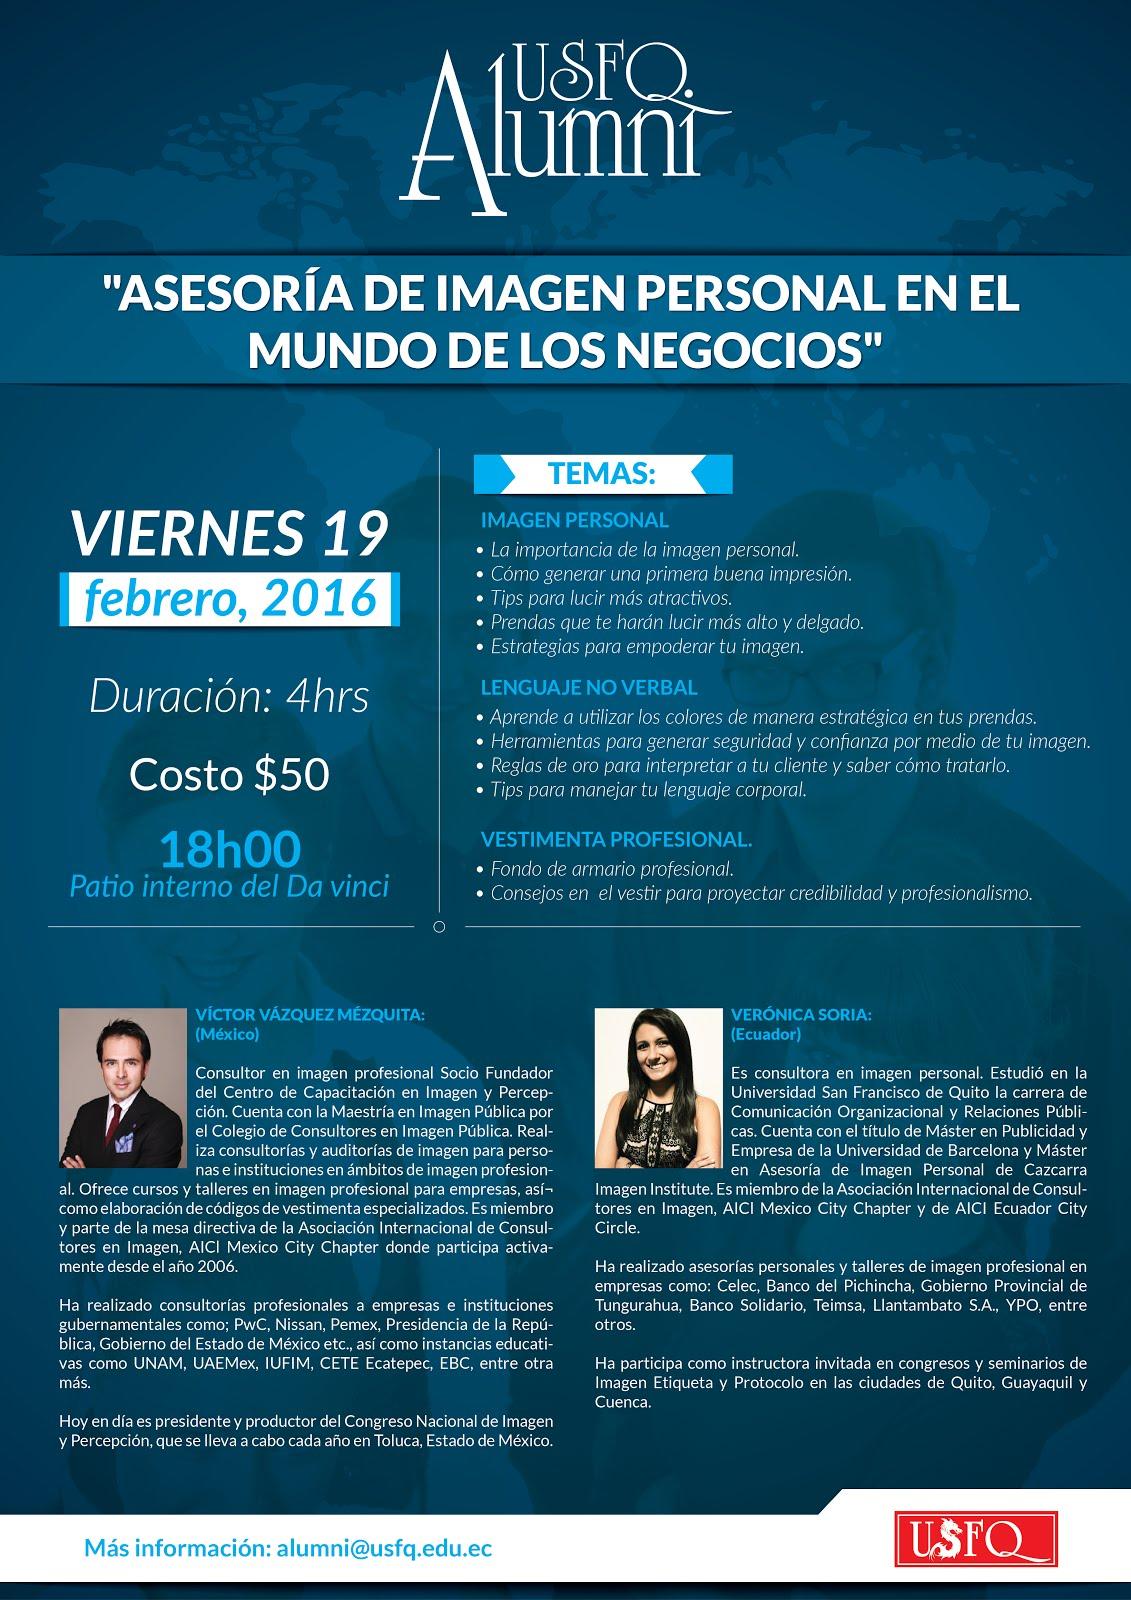 Alumni USFQ invita al Seminario Asesoría de imagen personal en el mundo de los negocios, 19 de febrero, 18h00